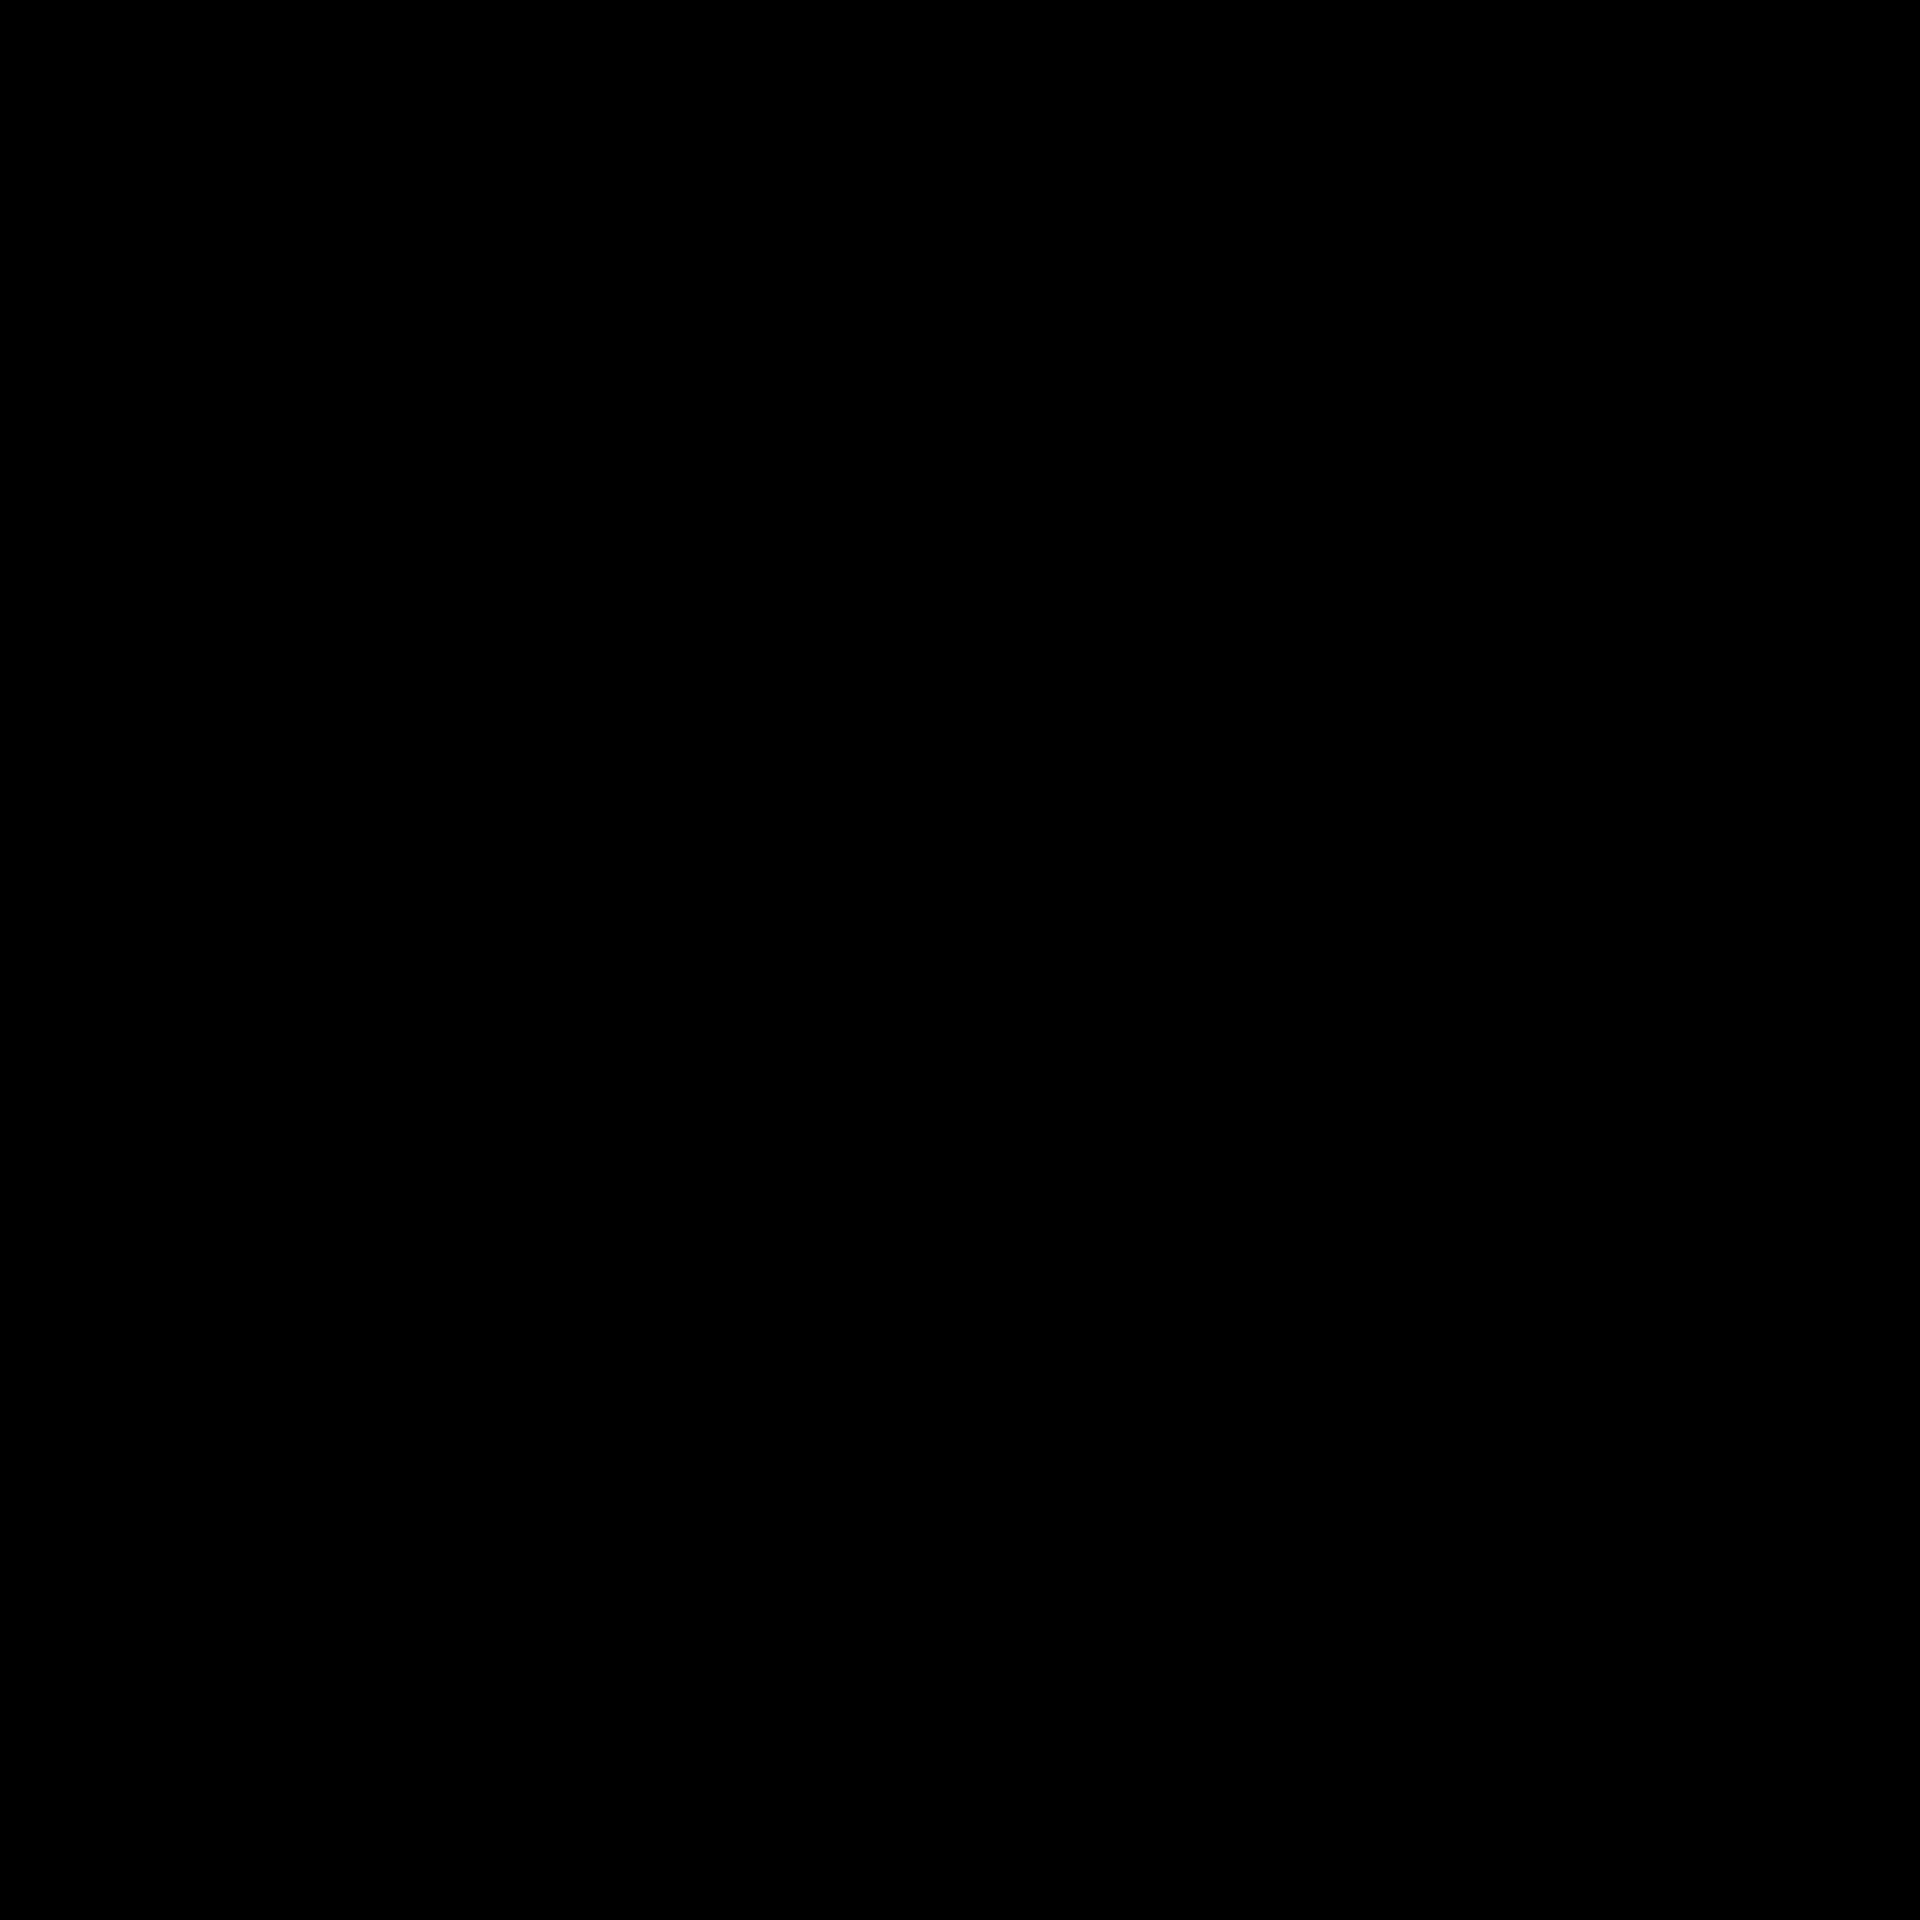 картинки круги квадраты состоит